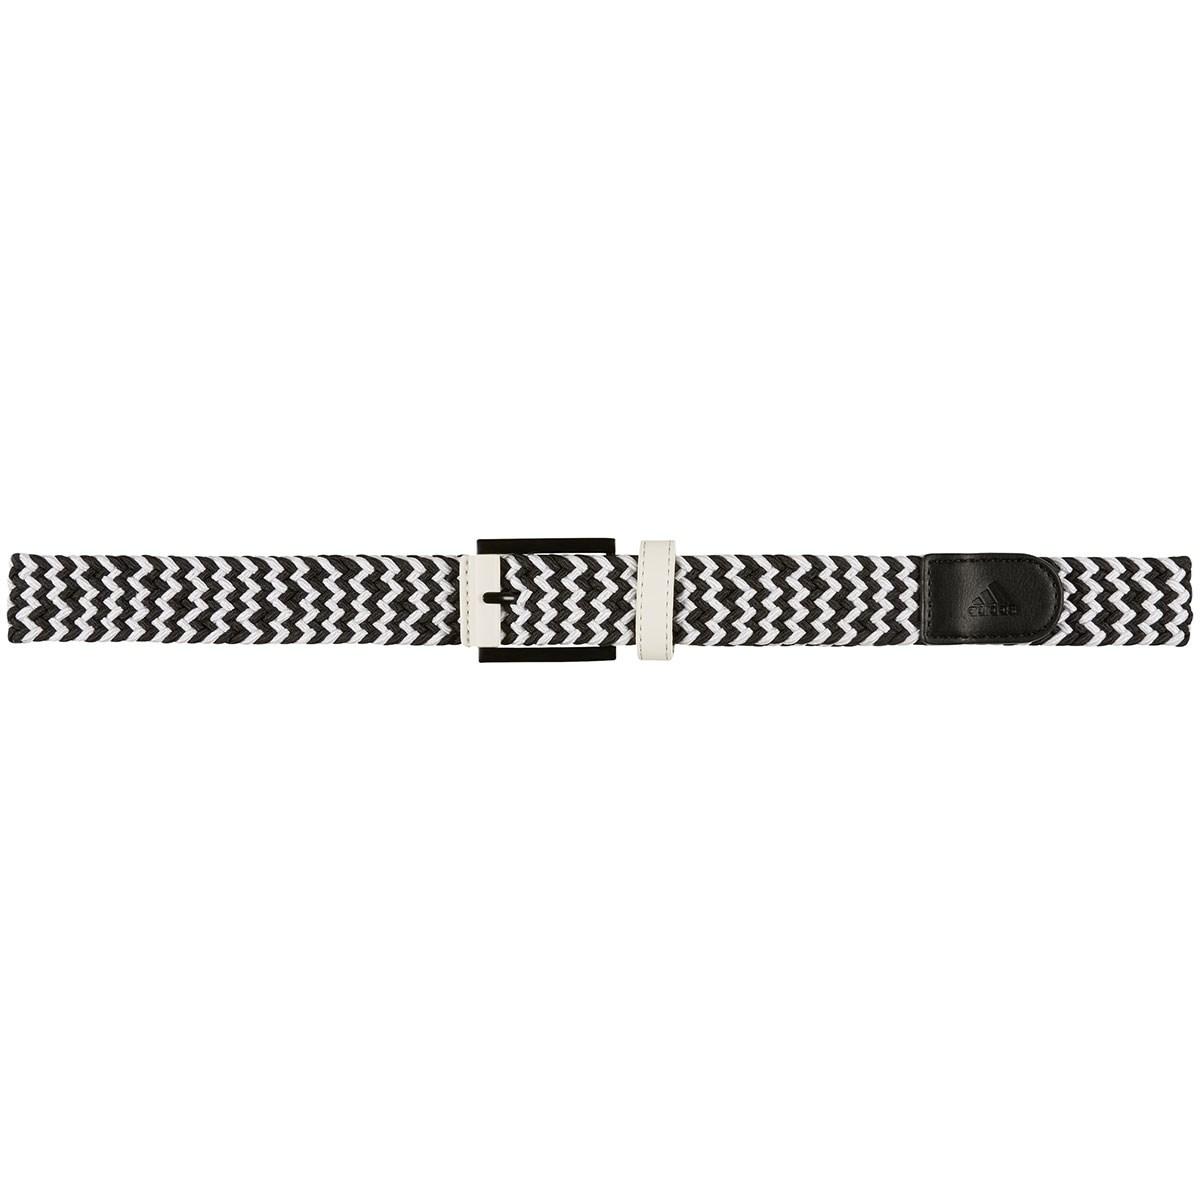 アディダス Adidas ウェビングメッシュベルト フリー ホワイト/ブラック レディス